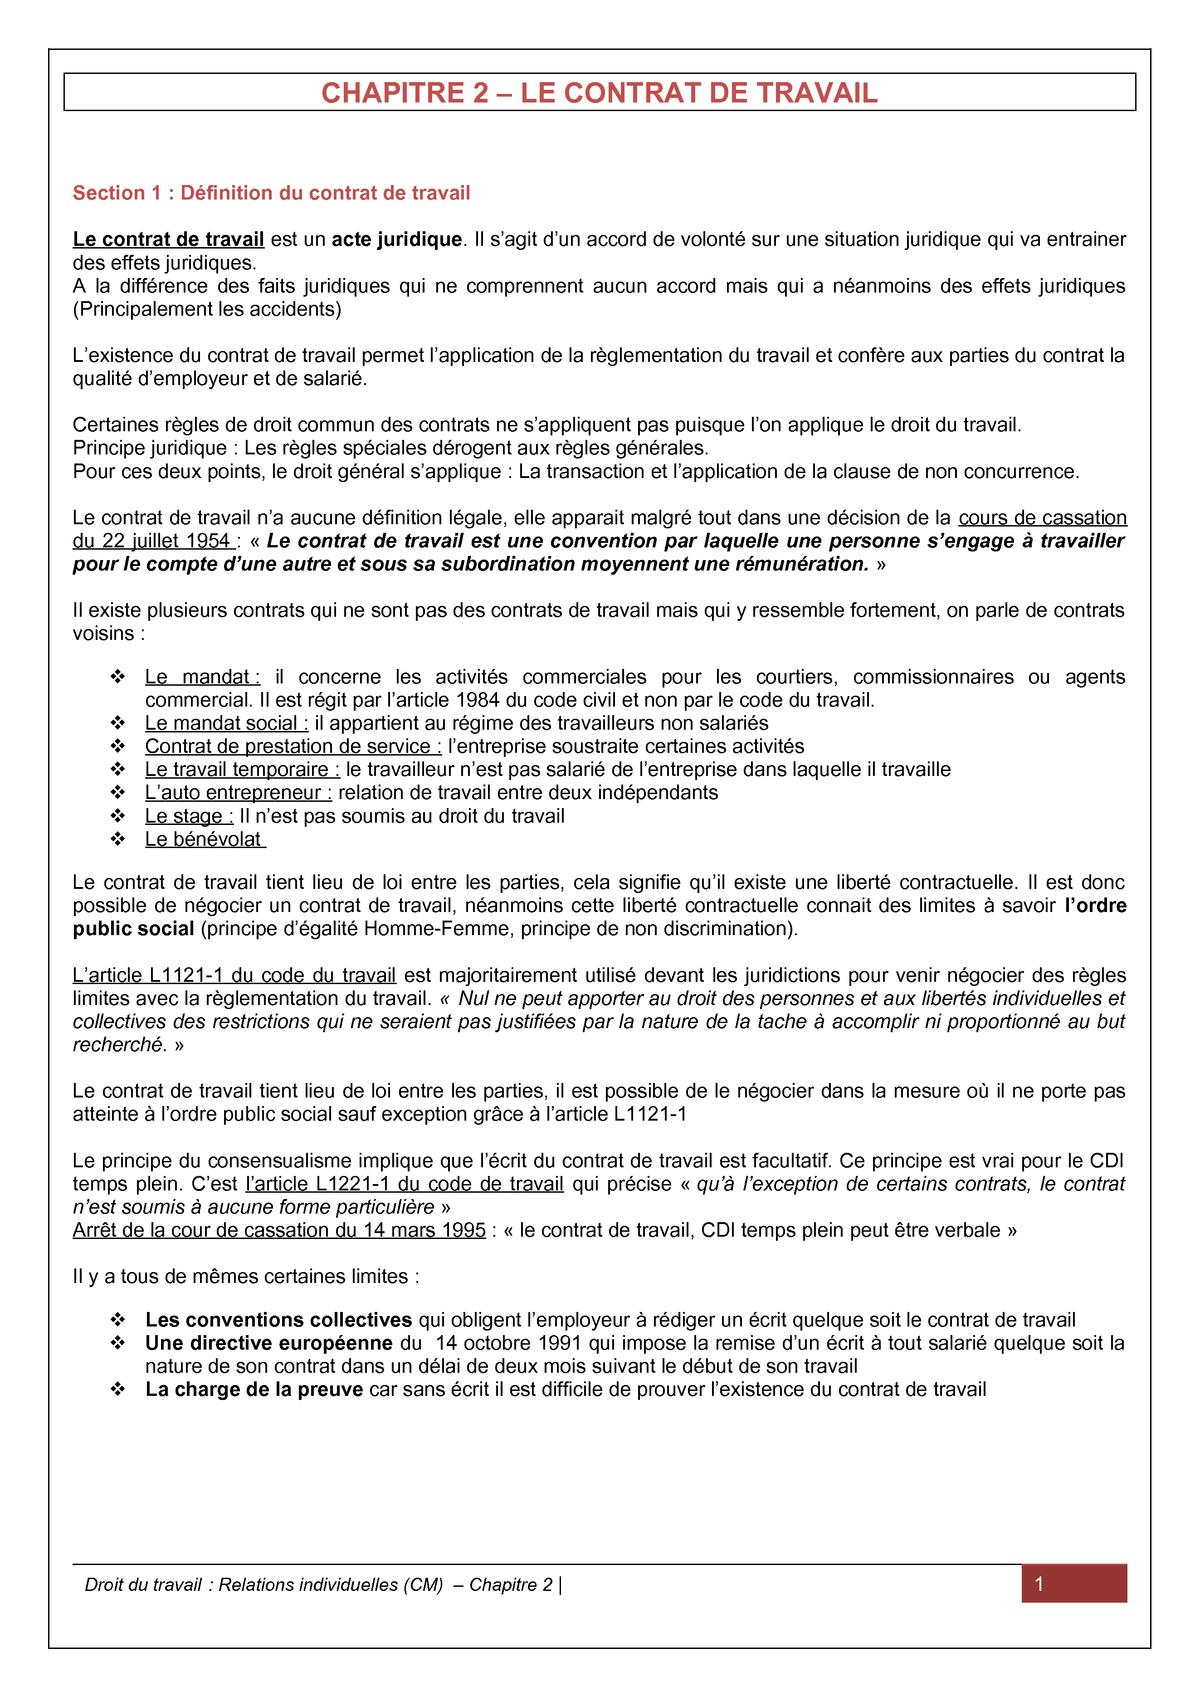 Le Contrat De Travail Universite D Orleans Studocu